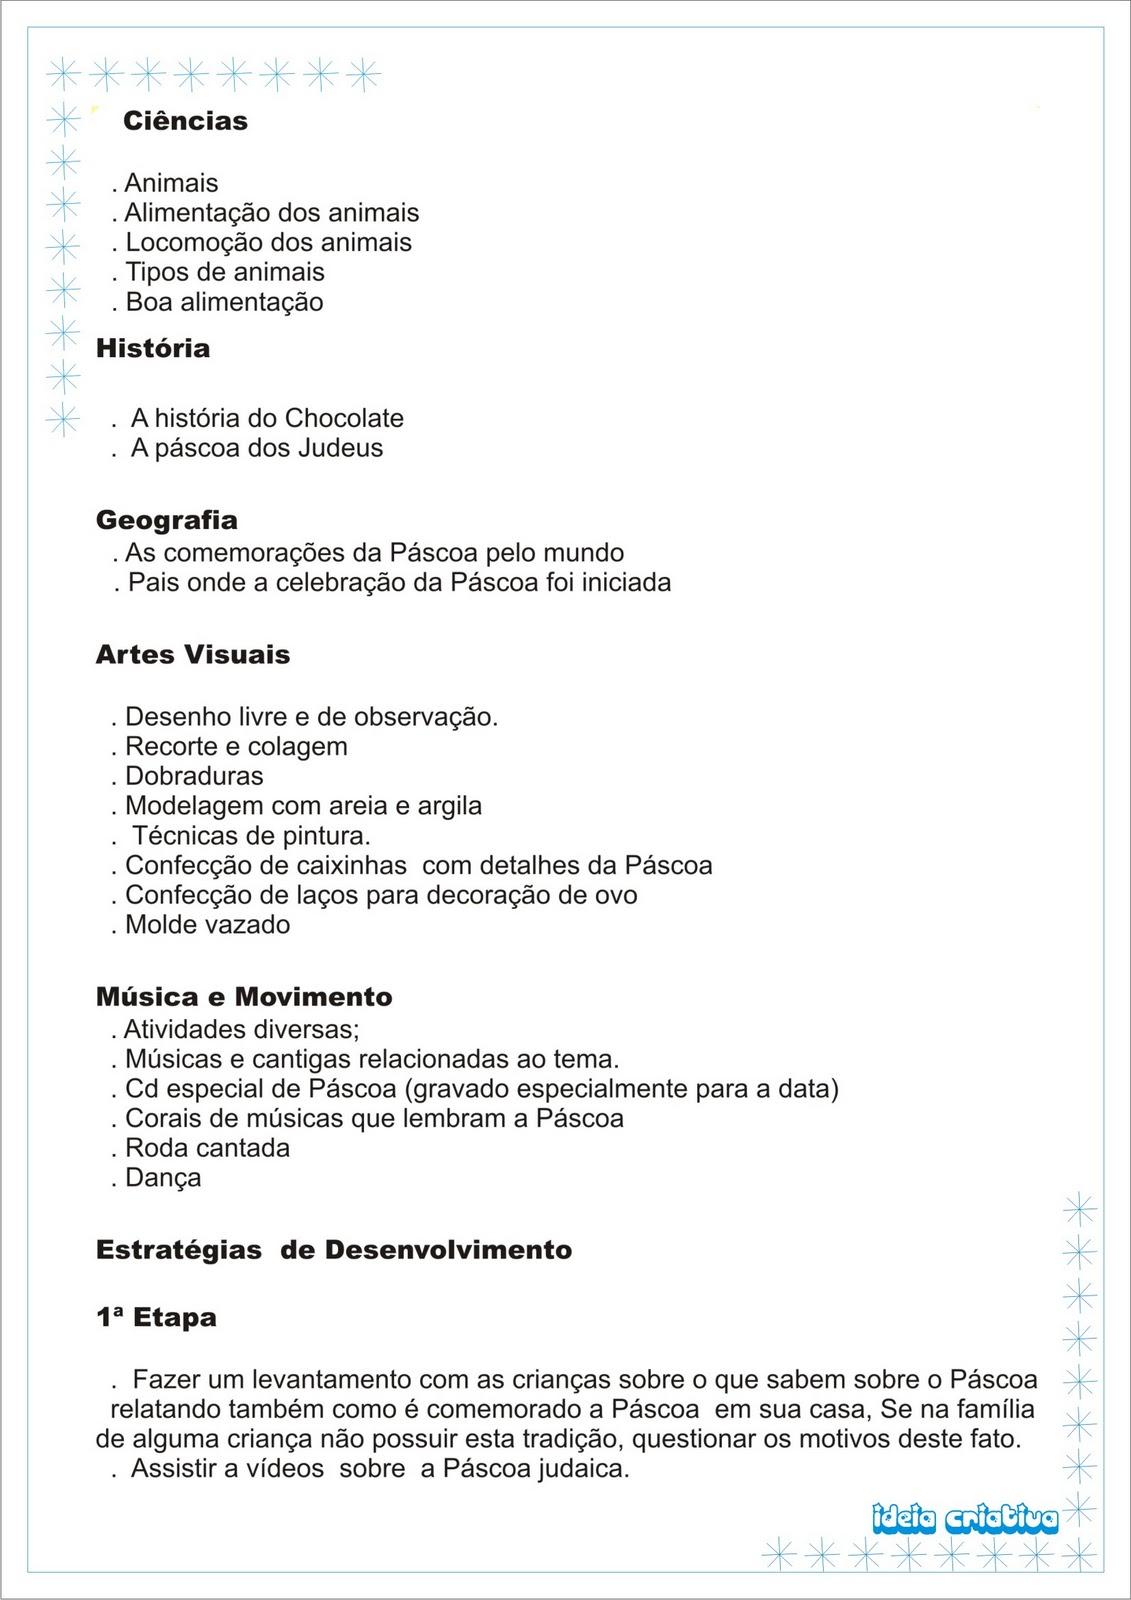 Projeto Pascoa Ideia Criativa Anexos Projeto Pascoa Ideia Criativa 1